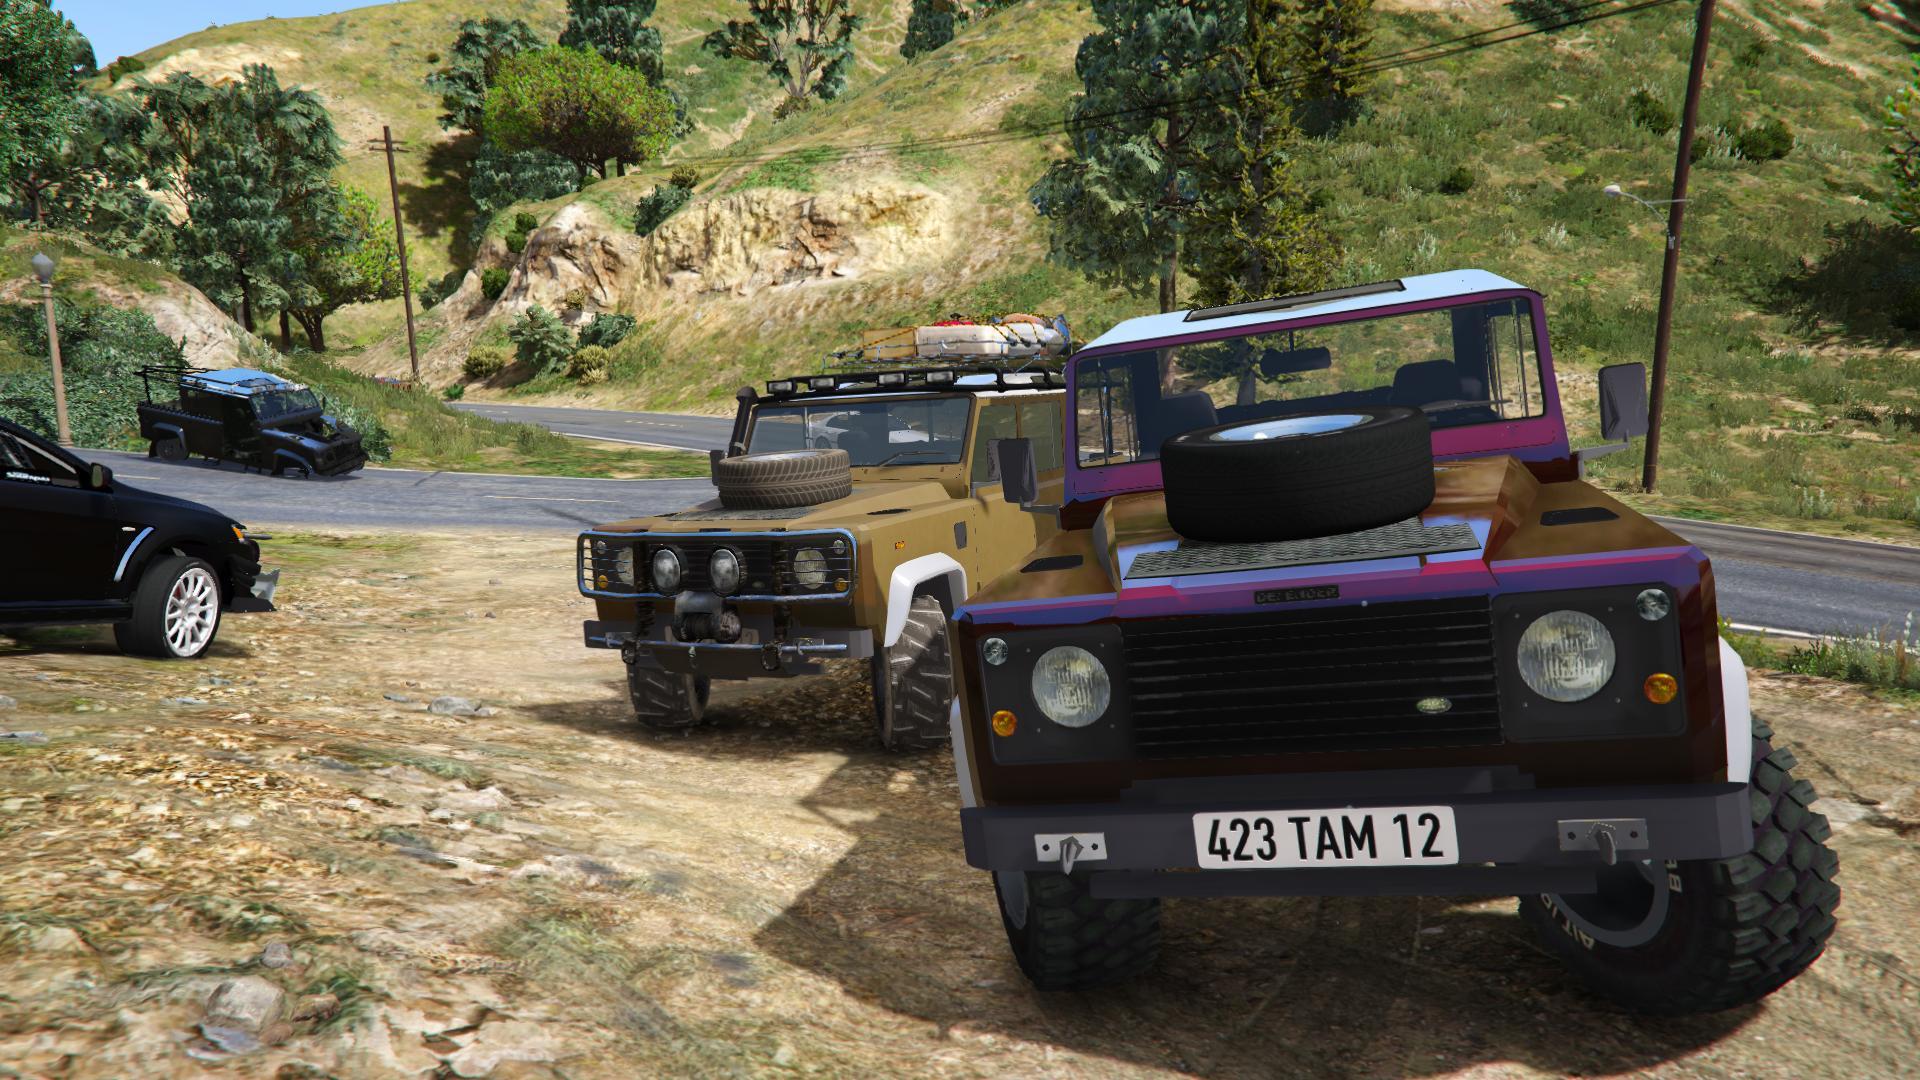 Land Rover Defender 110 Pickup Unlocked Gta5 Mods Com